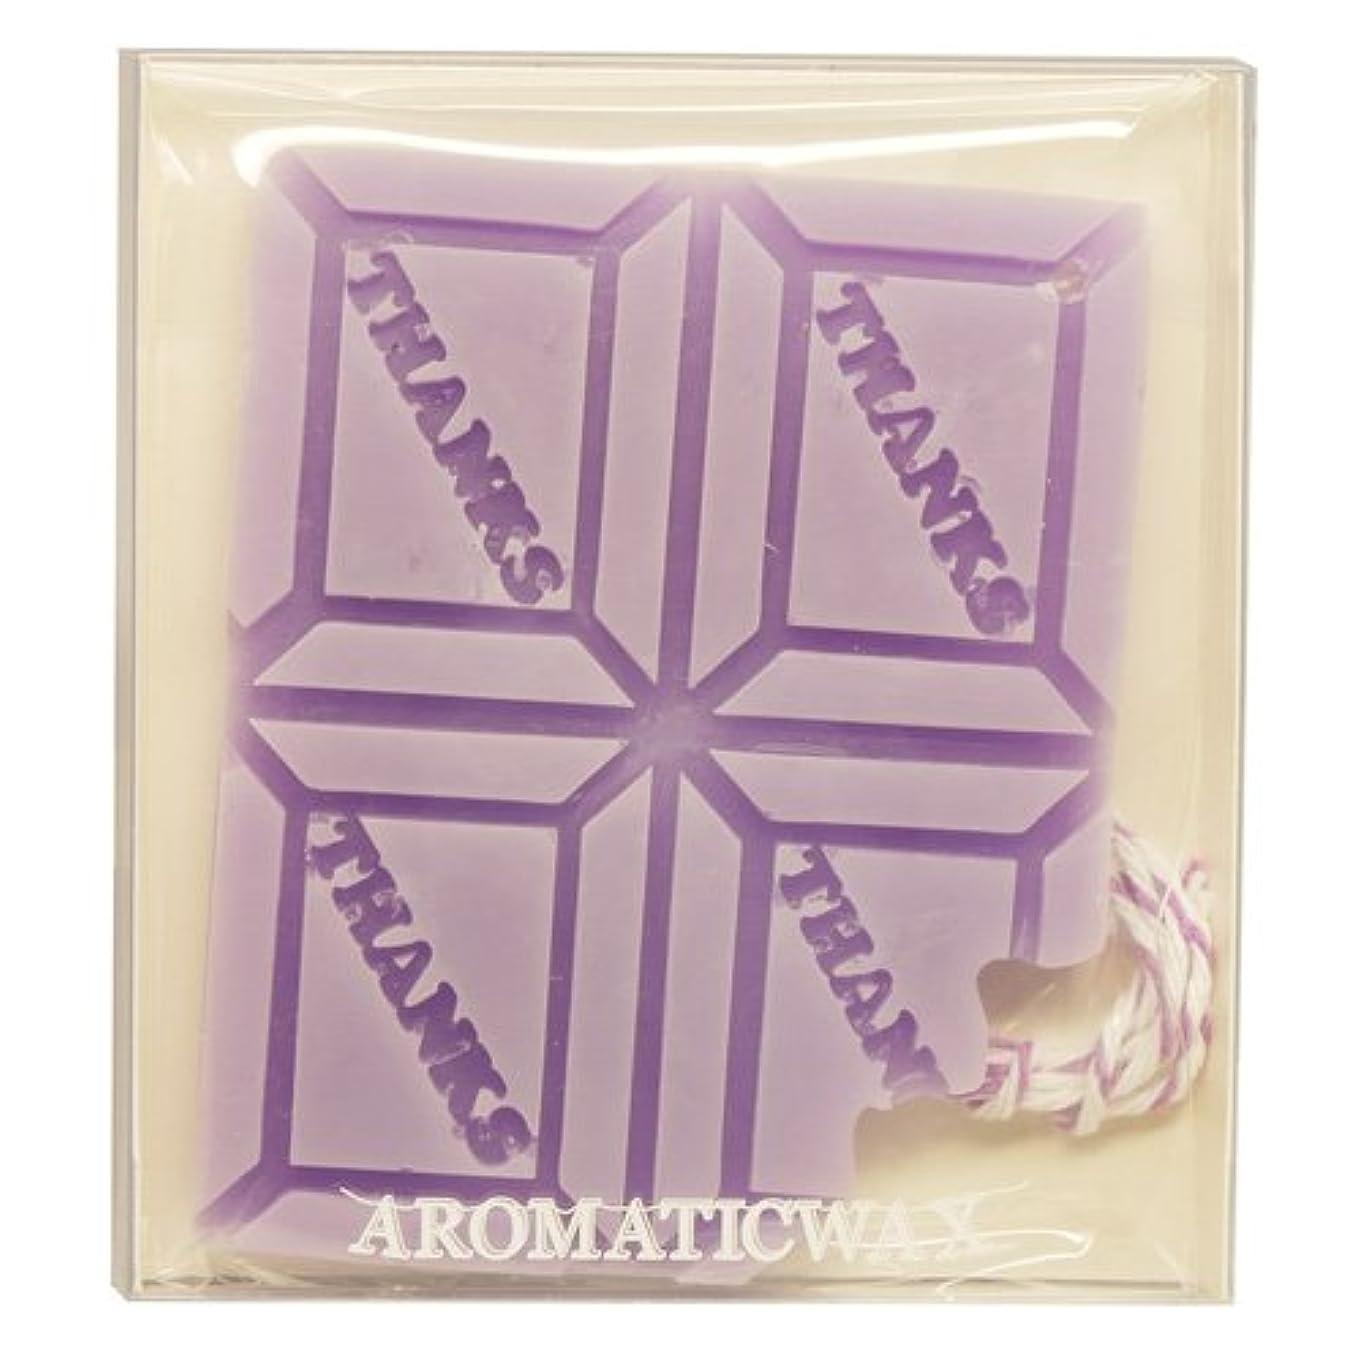 疎外する毛布かけがえのないGRASSE TOKYO AROMATICWAXチャーム「板チョコ(THANKS)」(PU) ラベンダー アロマティックワックス グラーストウキョウ